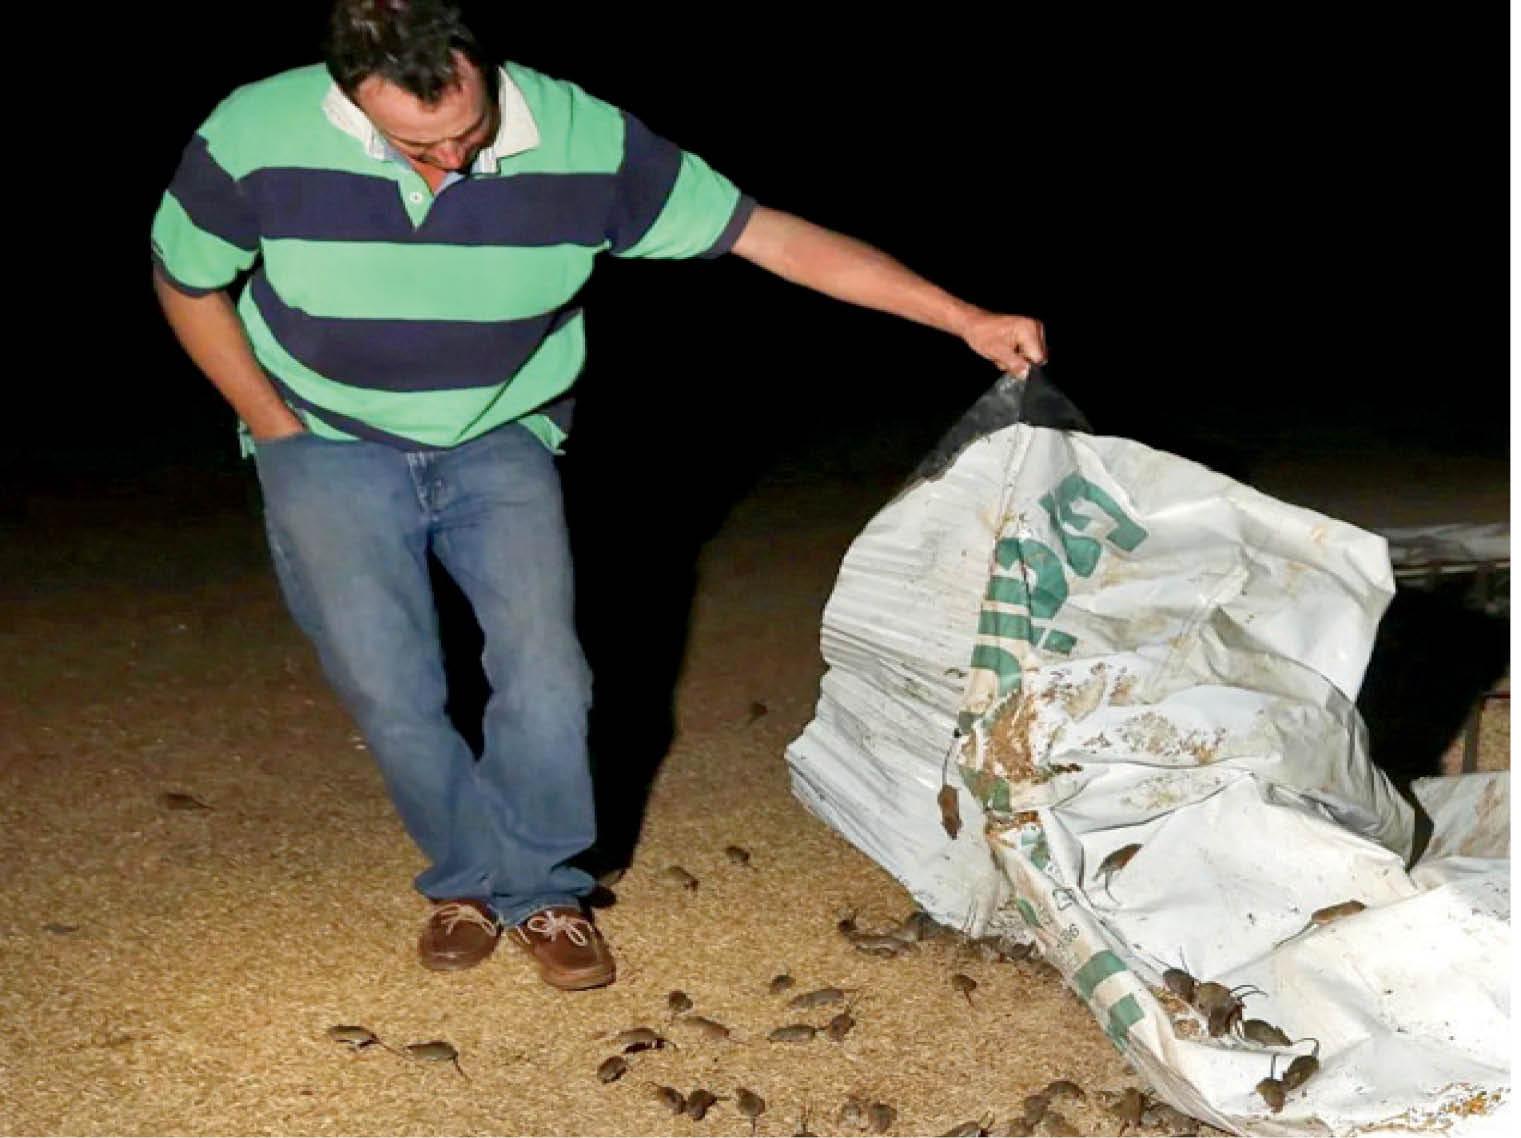 न्यू साउथ वेल्स में सोते लोगों को काट रहे चूहे, फसल नष्ट कर रहे; भारत से मांगा 5 हजार लीटर जहर|विदेश,International - Dainik Bhaskar